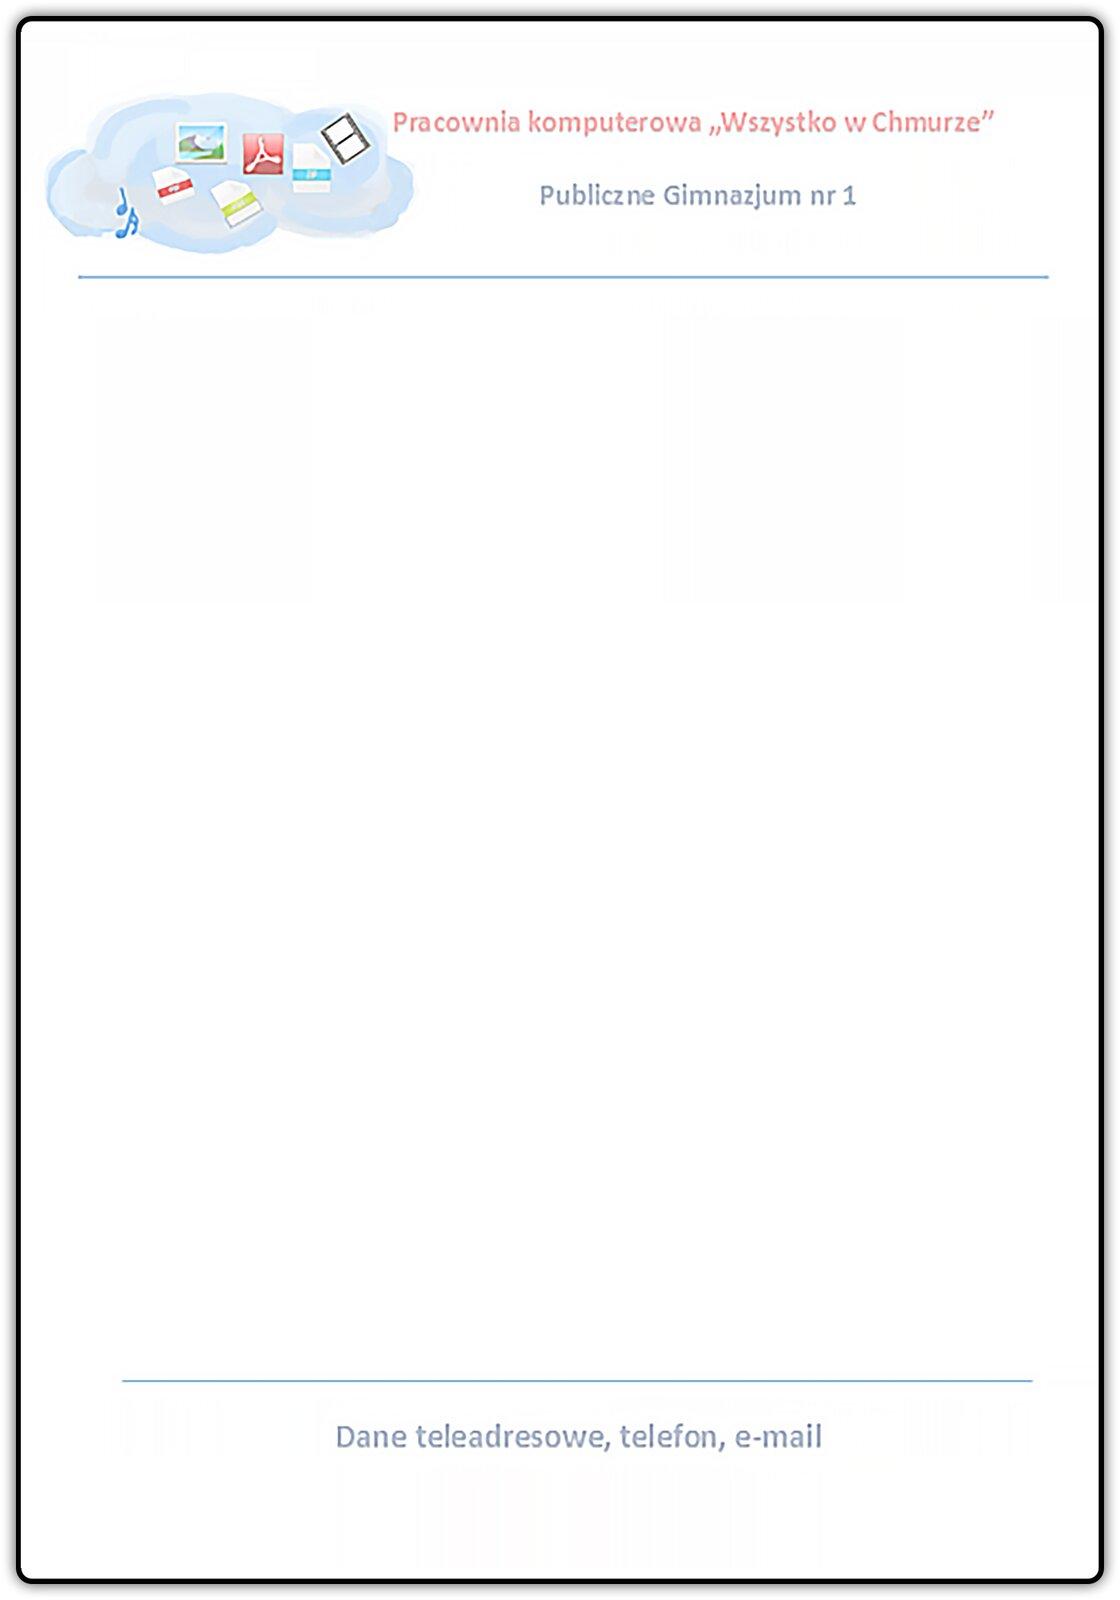 Slajd 2 galerii dokumentów prezentujących zastosowanie nagłówka istopki